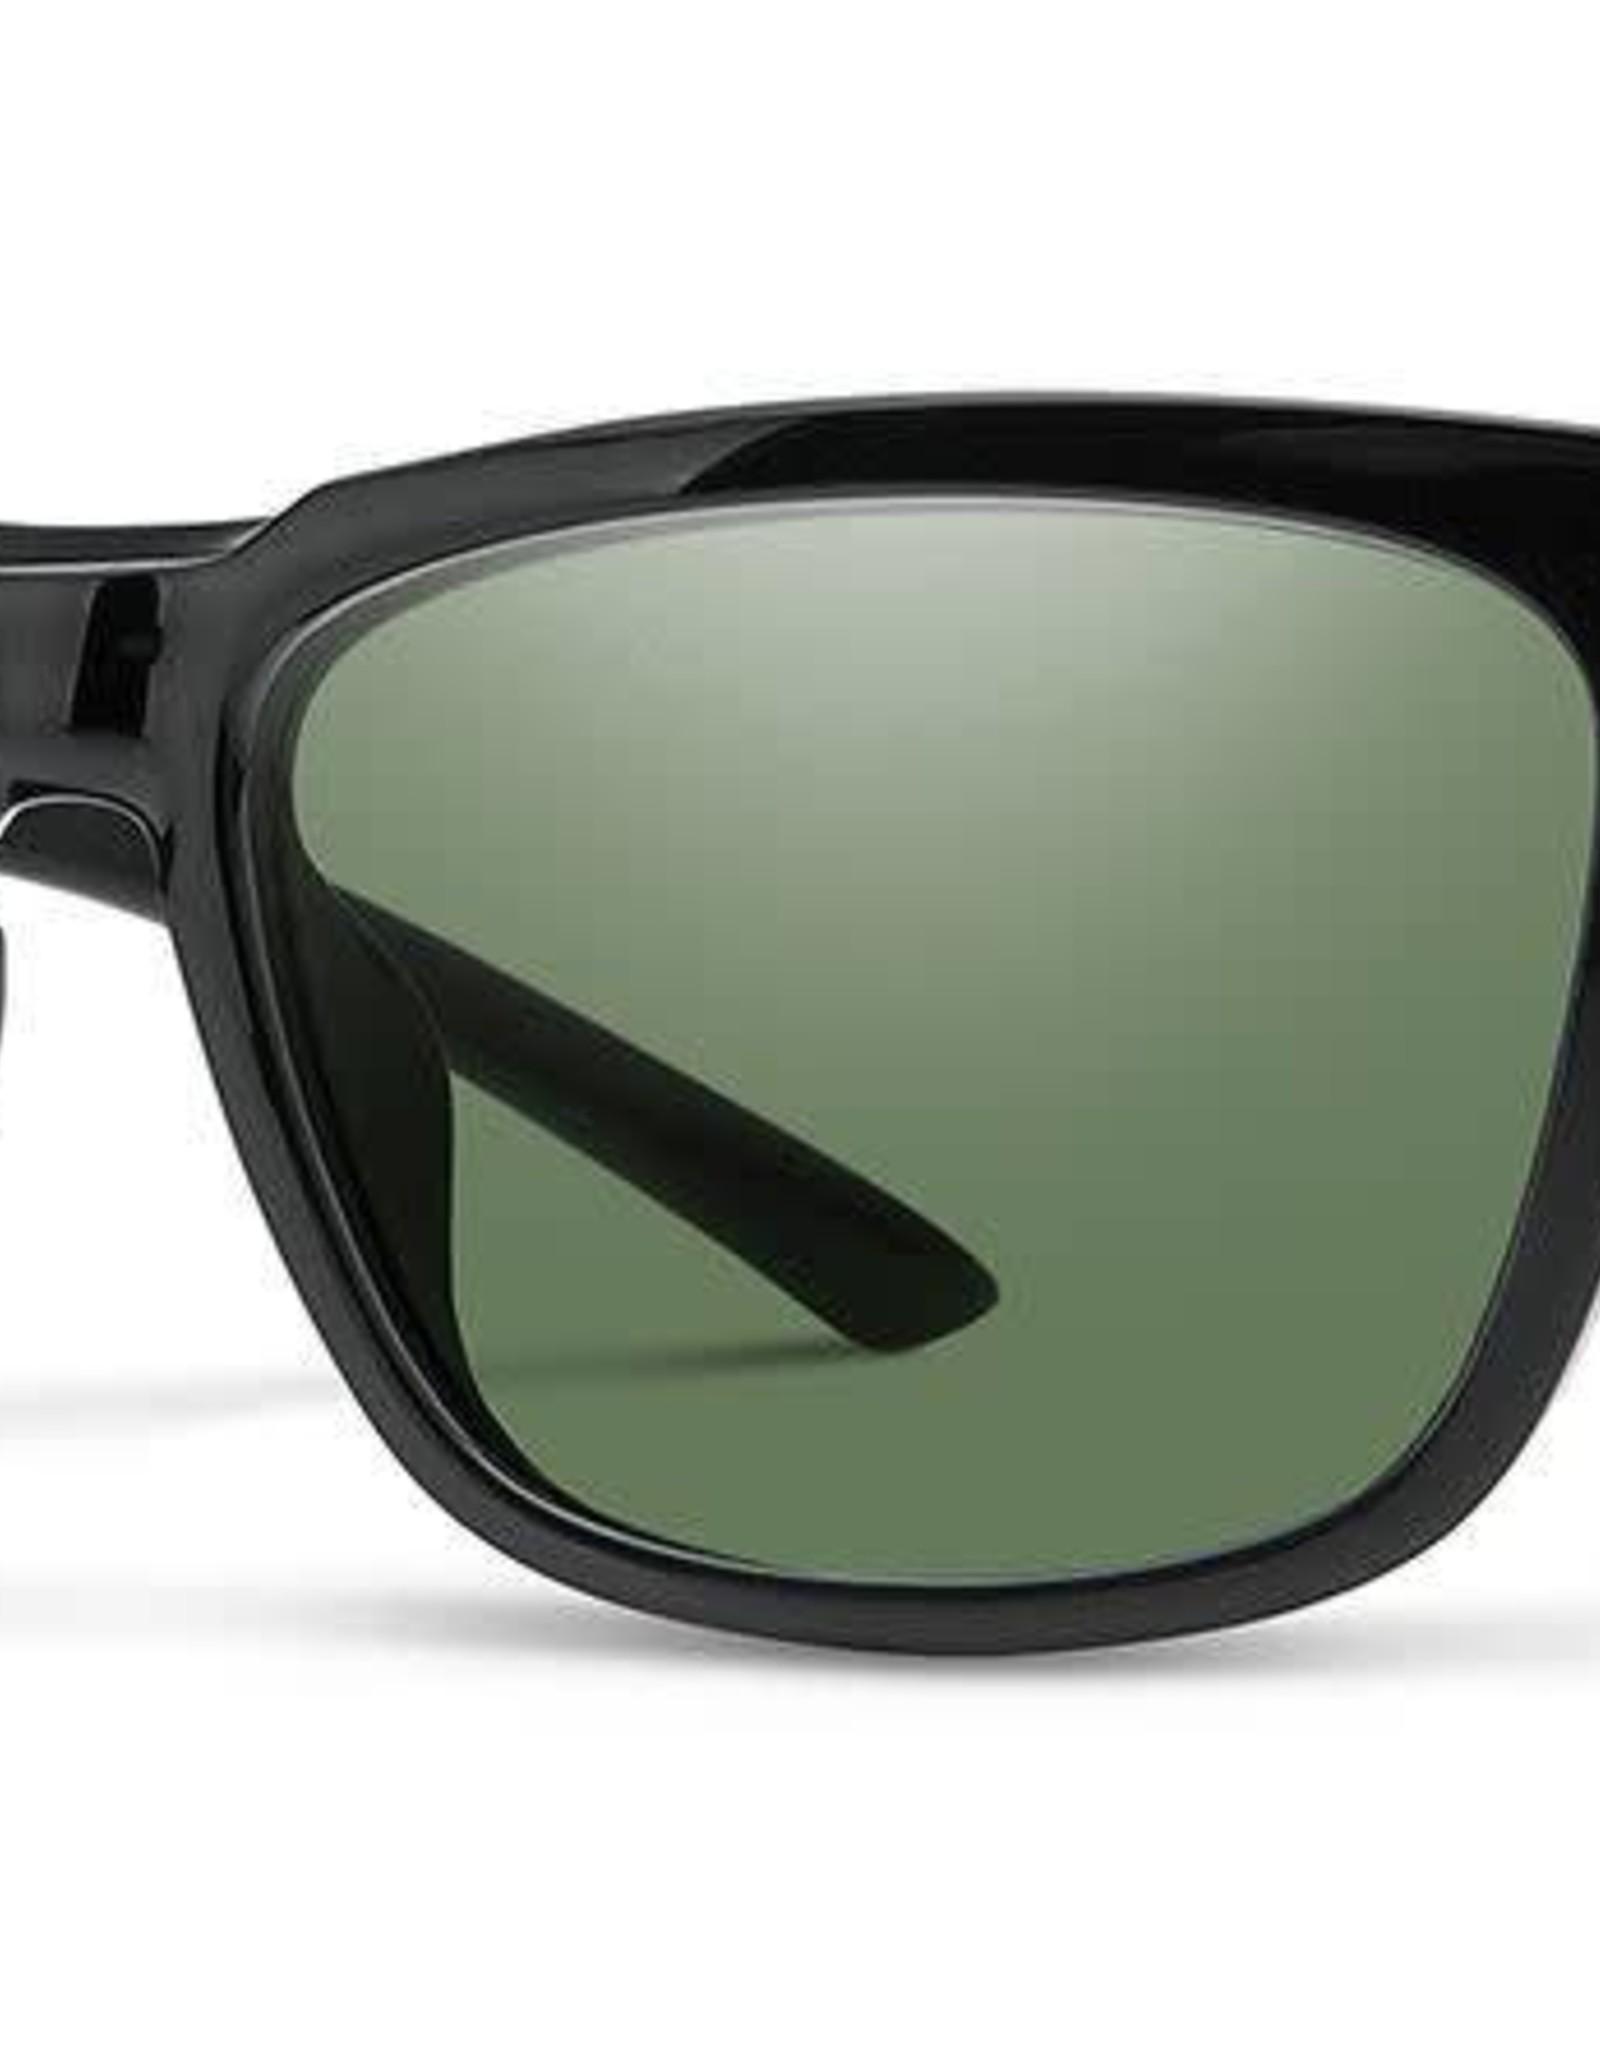 Smith Optics Smith - EMBER - Black w/ CP POLAR Gray Green